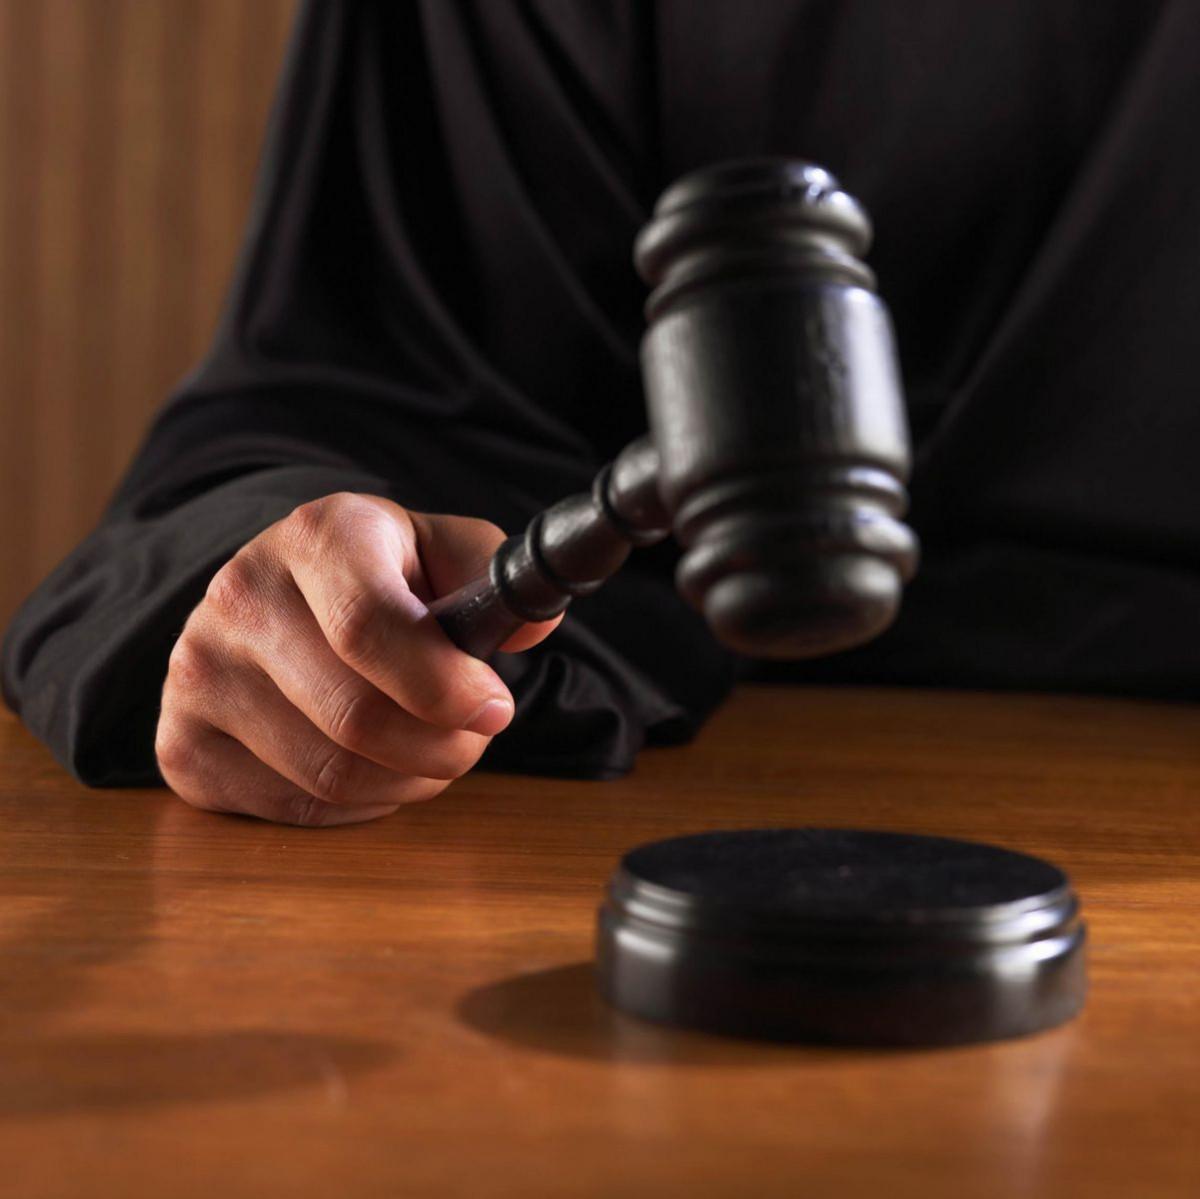 В Кузбассе  суд вынес приговор призывнику, уклоняющемуся от службы в армии